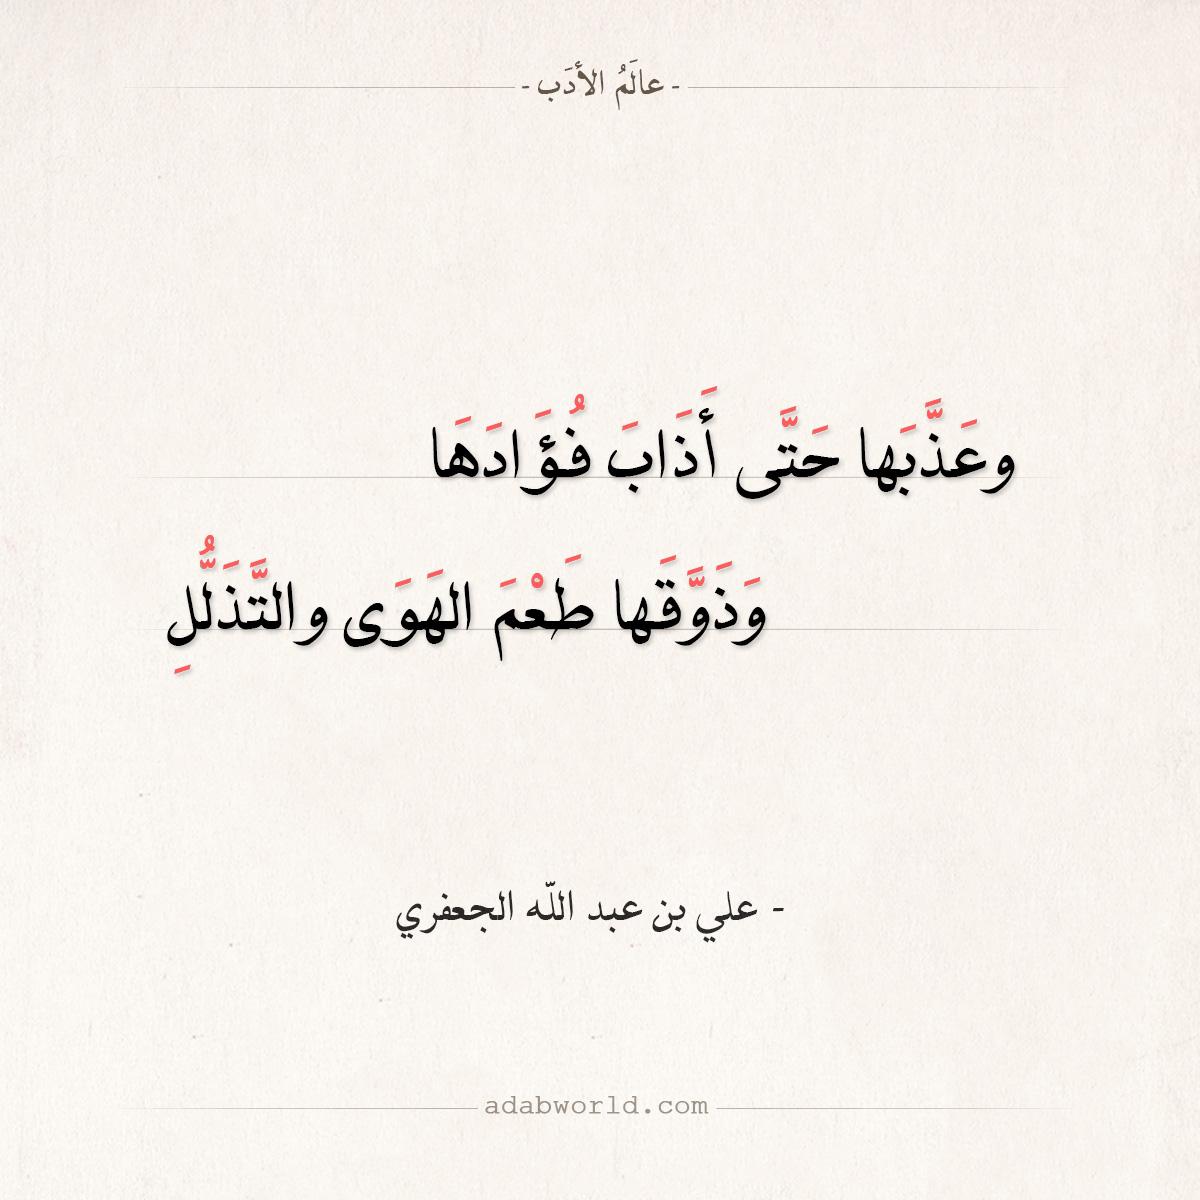 شعر علي بن عبد الله الجعفري - ولما بدا لي أنها لا تحبني